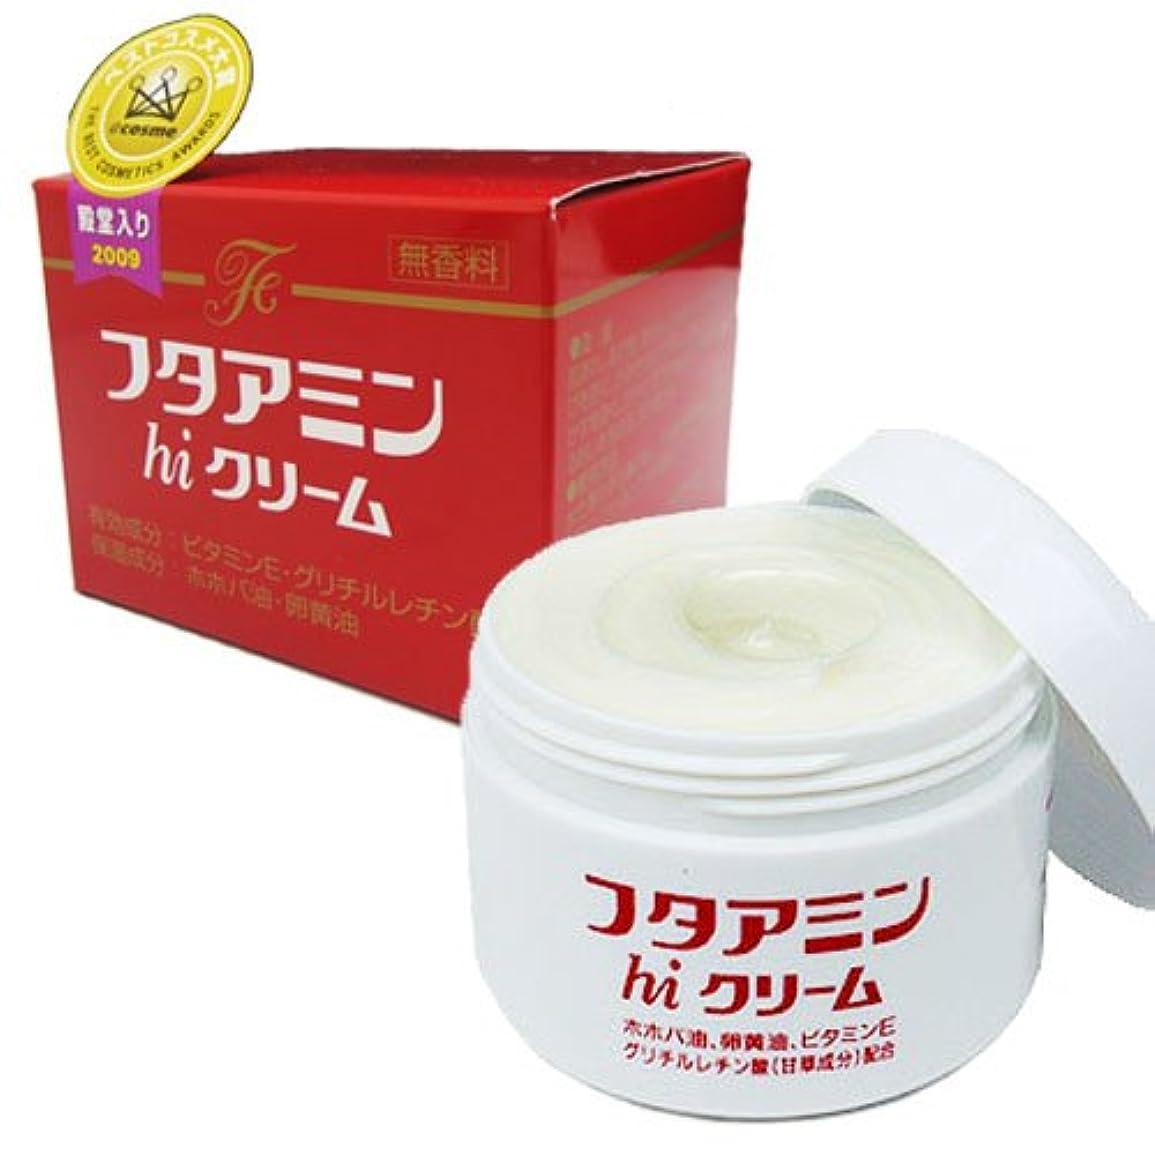 隔離する賞賛集中的なムサシノ製薬 フタアミンhiクリーム 130g